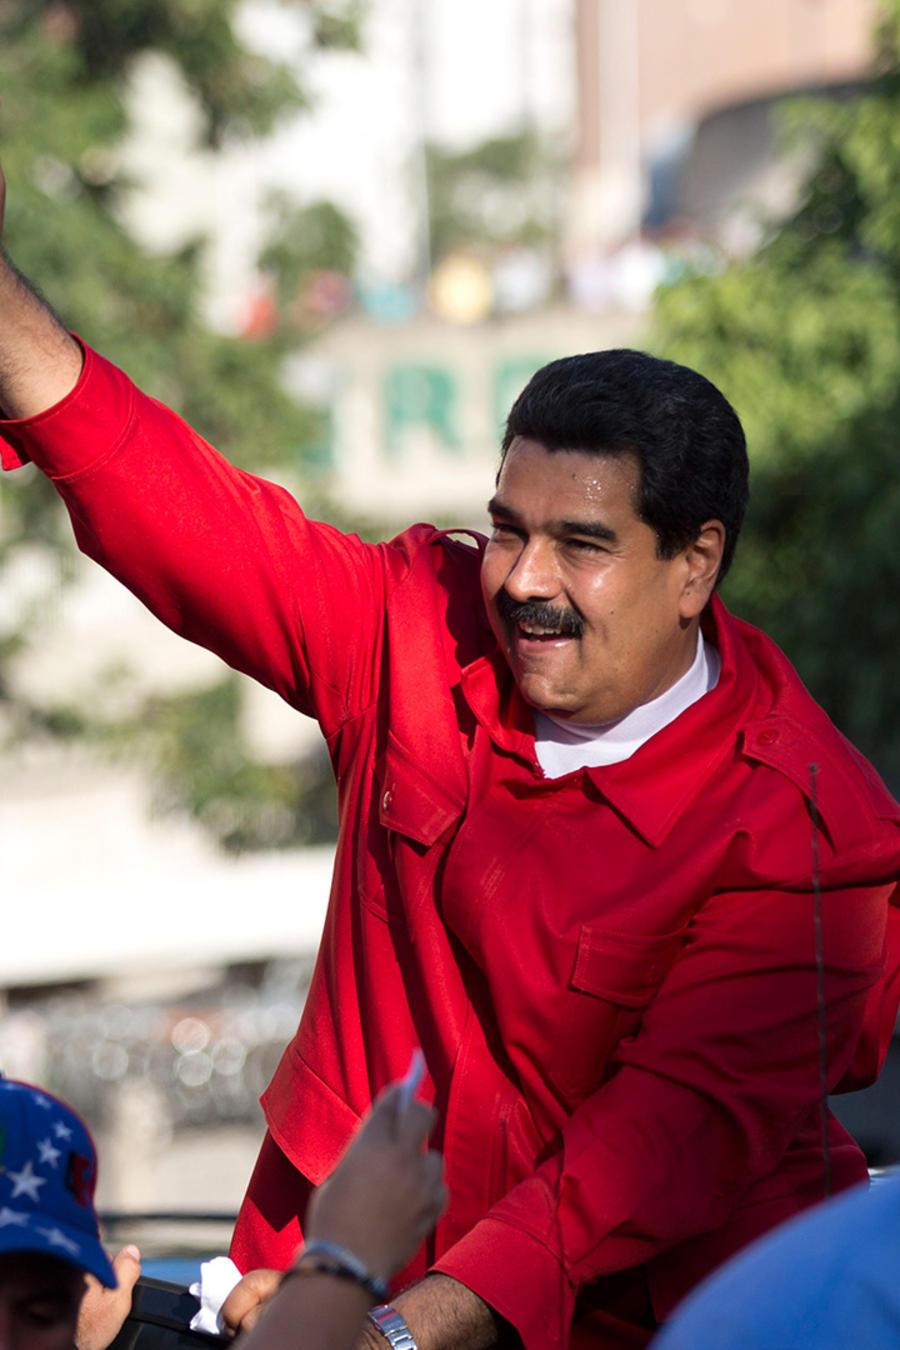 El presidente venezolano Nicolás Maduro saluda a sus partidarios durante el acto de cierre de campaña del oficialismo el 1ro de diciembre del 2015 en Caracas